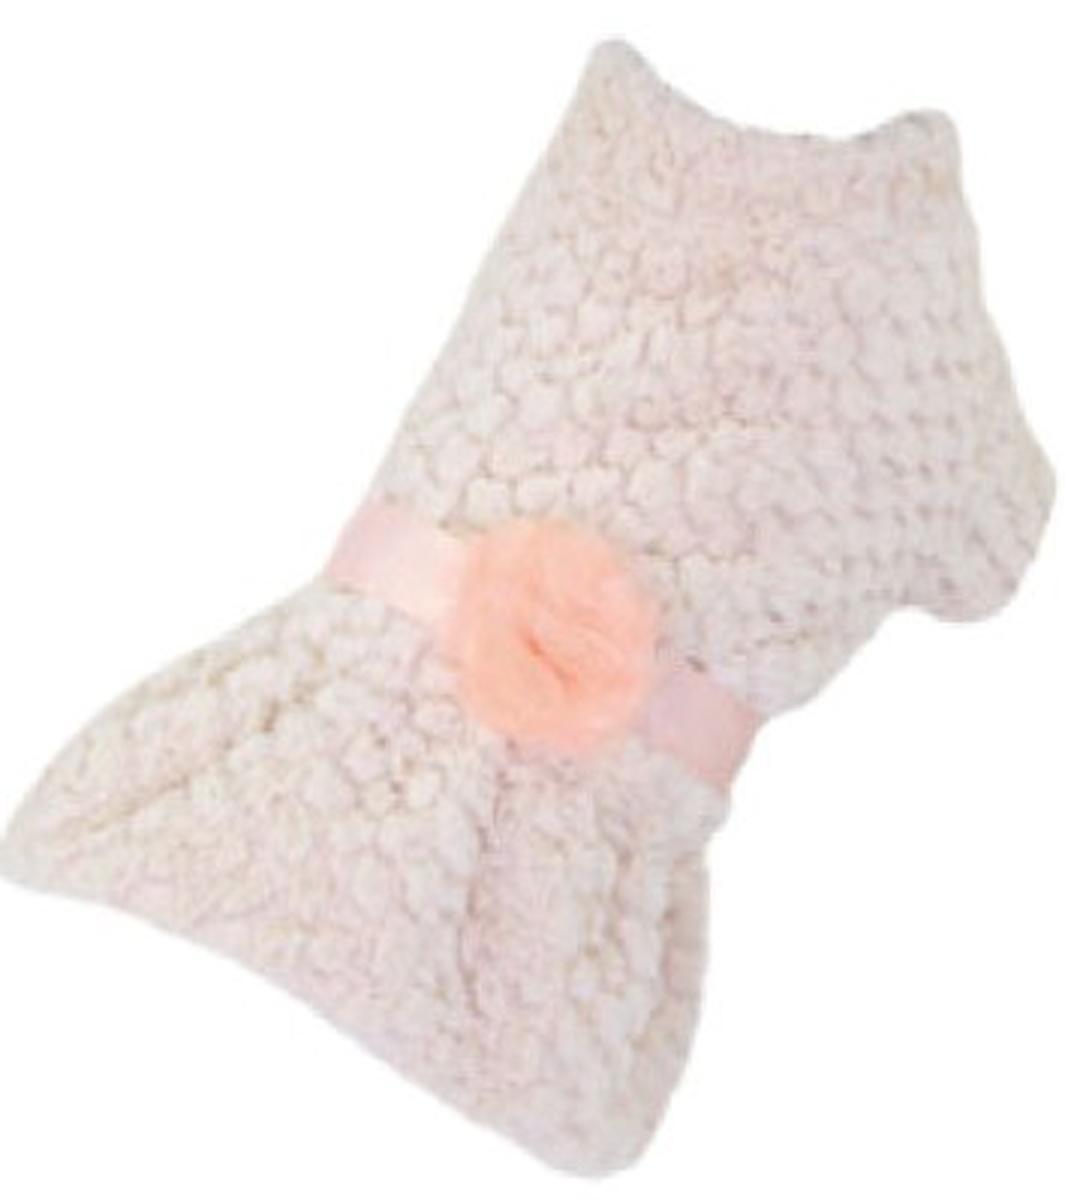 Платье для собак Dobaz, утепленное, цвет: персиковый. ДА13069БЛ. Размер LДА13069БЛОчаровательное платье Dobaz выполнено из мягкого пушистого материала. На поясе модель украшена шикарным цветком. Изделие будет великолепно сидит на собачке. В таком платье ваша собачка будет самой красивой на прогулке. Обхват шеи: 31 см.Обхват груди: 48 см.Длина спинки: 33 см.Одежда для собак: нужна ли она и как её выбрать. Статья OZON Гид